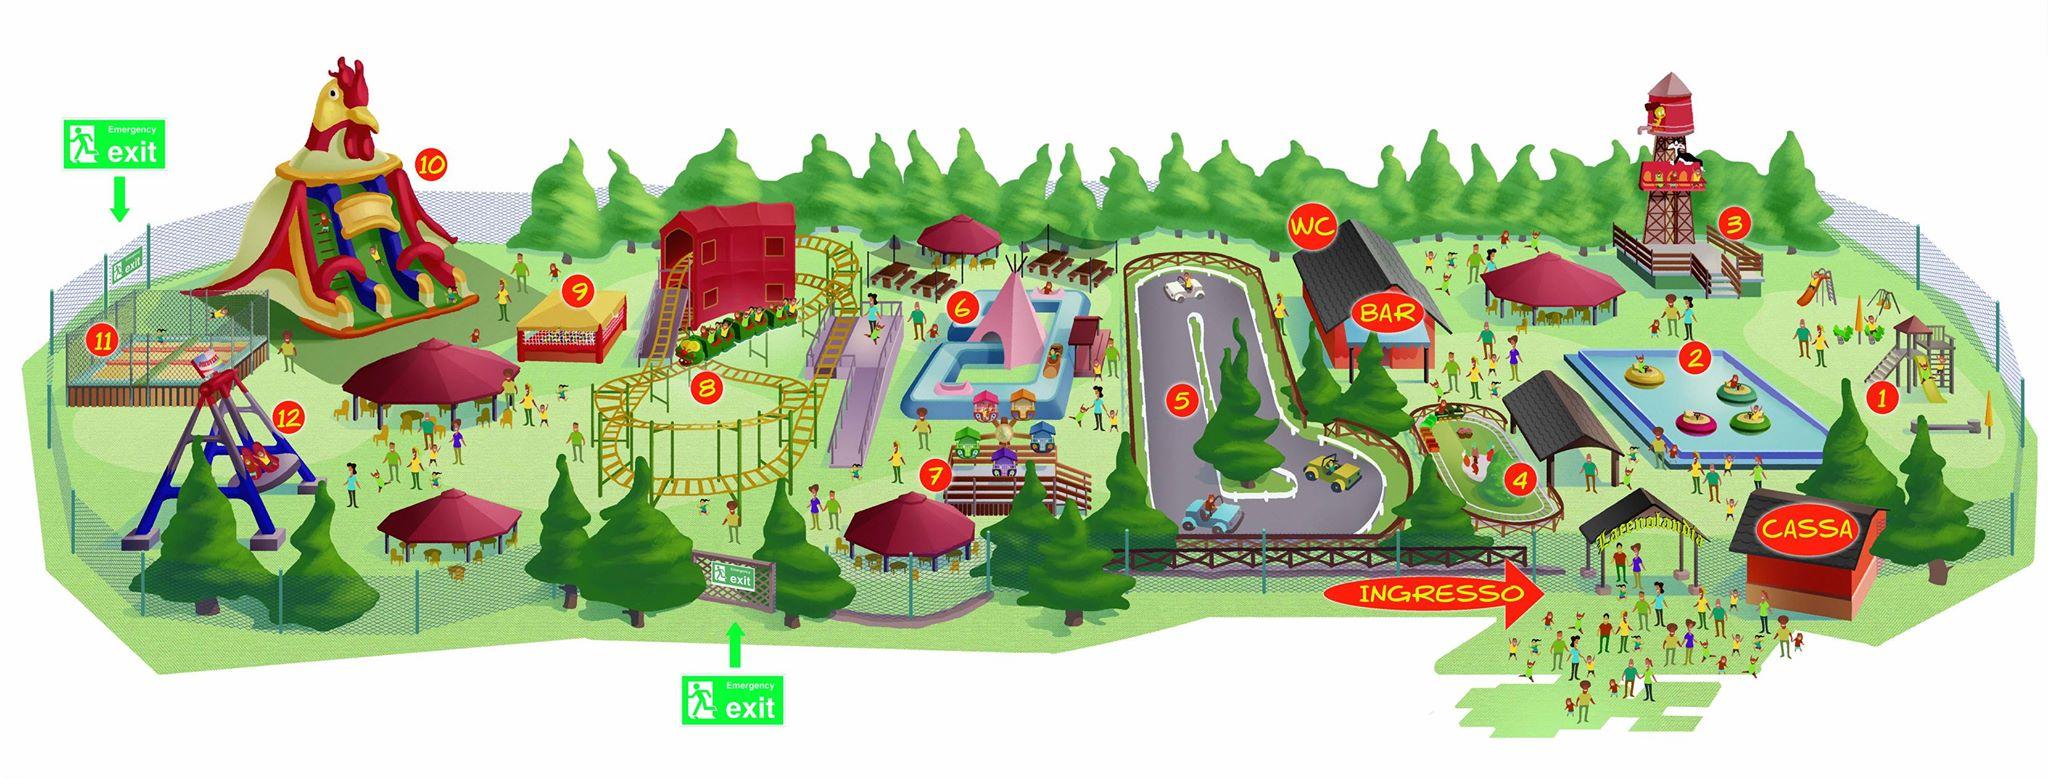 cartina-parco-giochi-laceno-lacenolandia